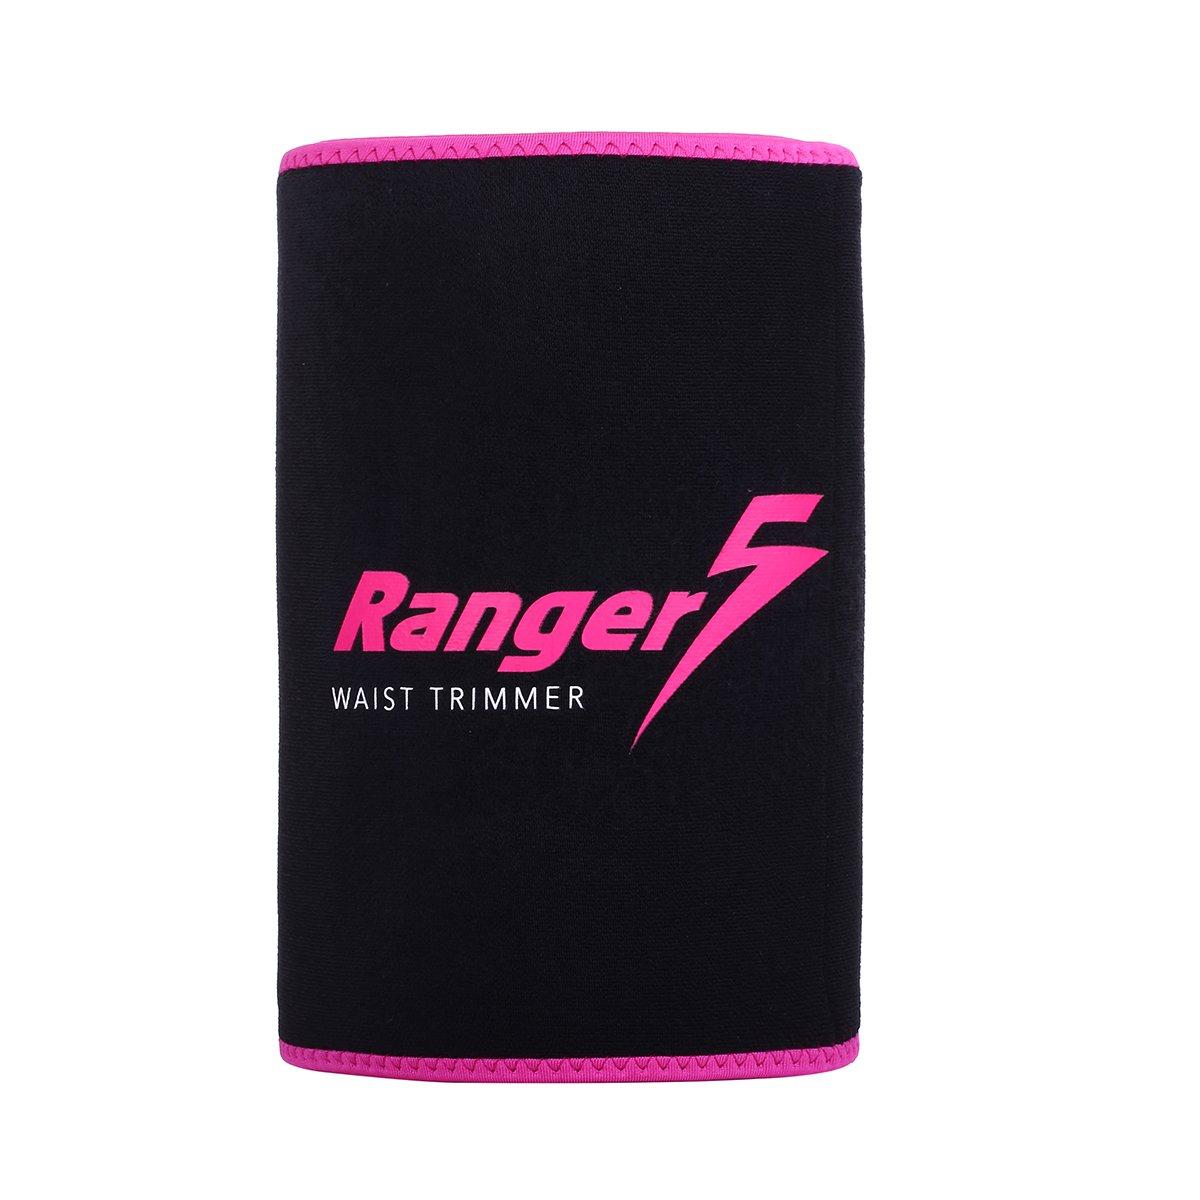 Ranger5 High Waist Trimmer, Gym Workout Training AB Belt Body Girdle Corset Sport Hot Shaper